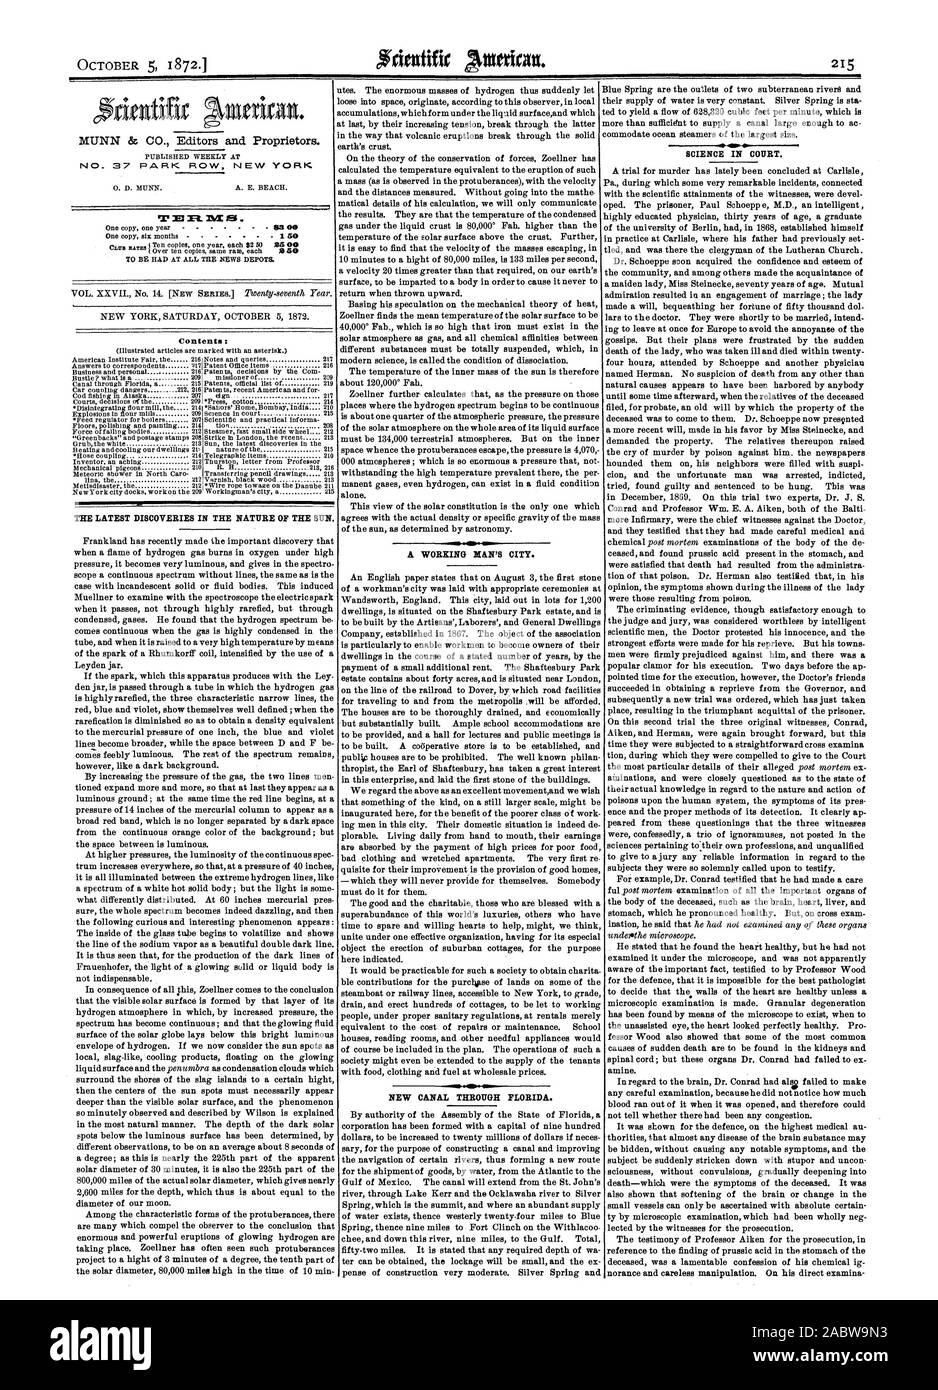 MUNN & CO. Editors and Proprietors. NO  37 PARK ROW NEW YORK, scientific american, 1872-10-05 Stock Photo